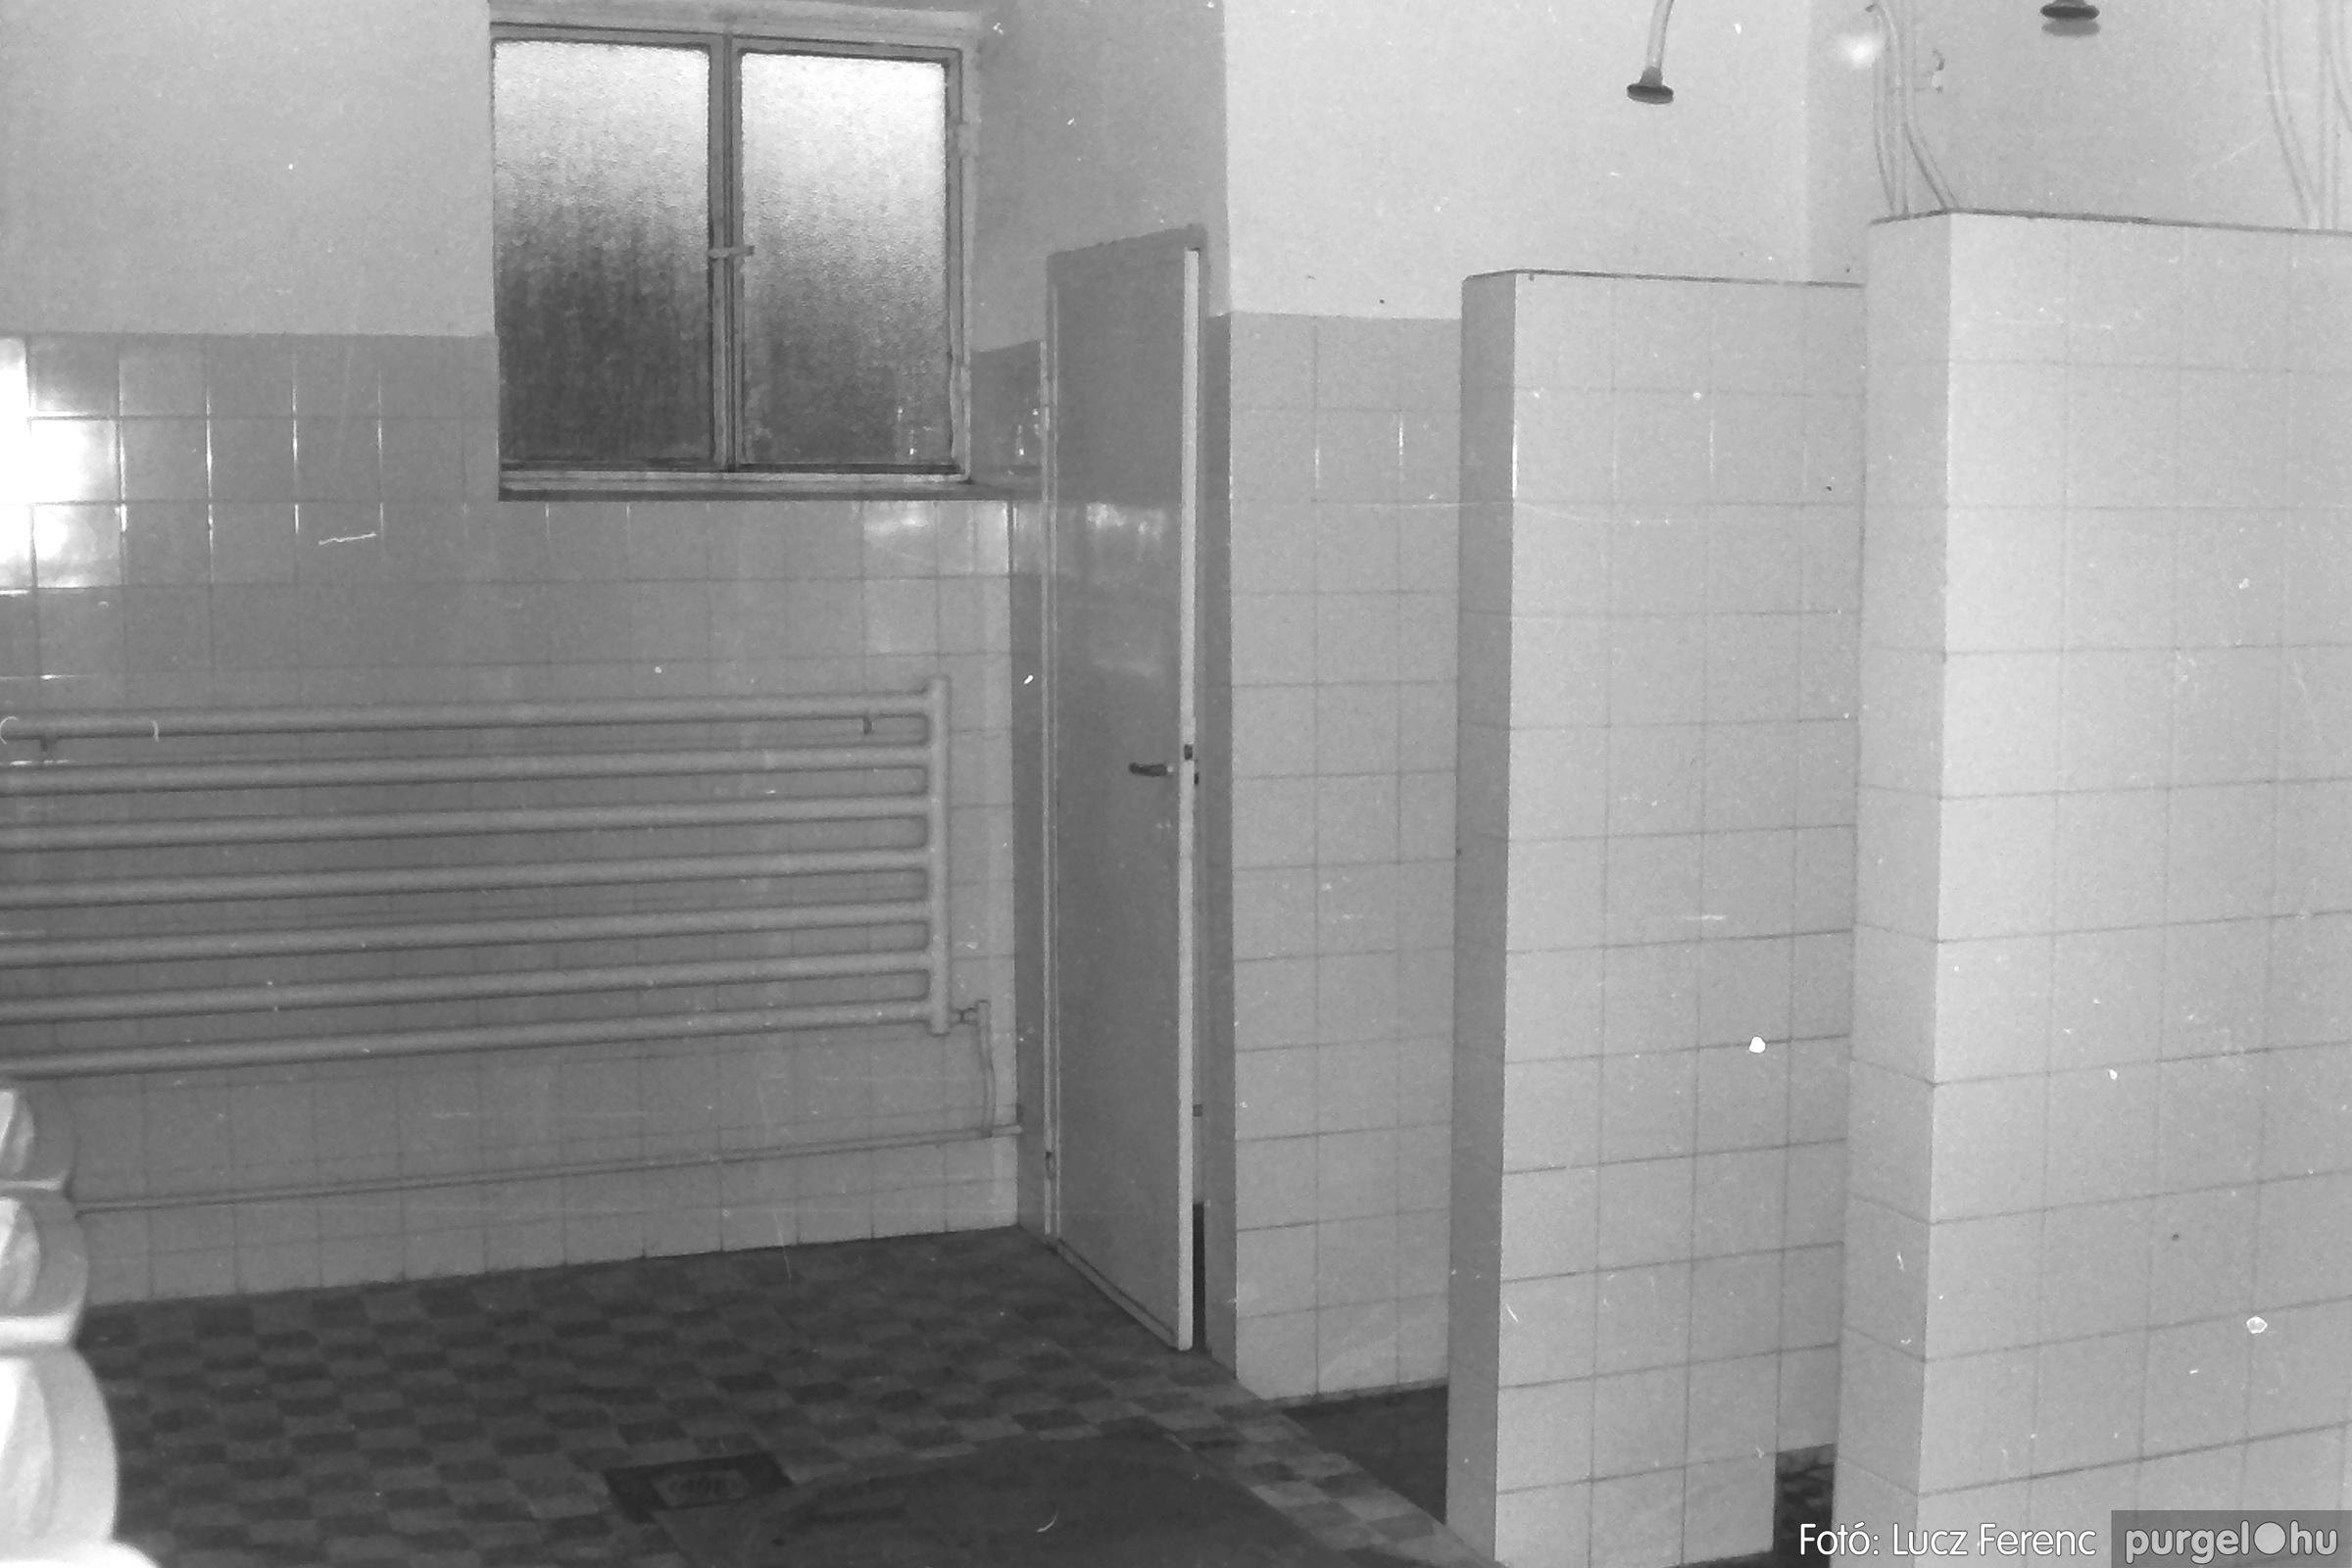 088A. 1977. Nyugdíjas találkozó a Kendergyárban 015. - Fotó: Lucz Ferenc.jpg